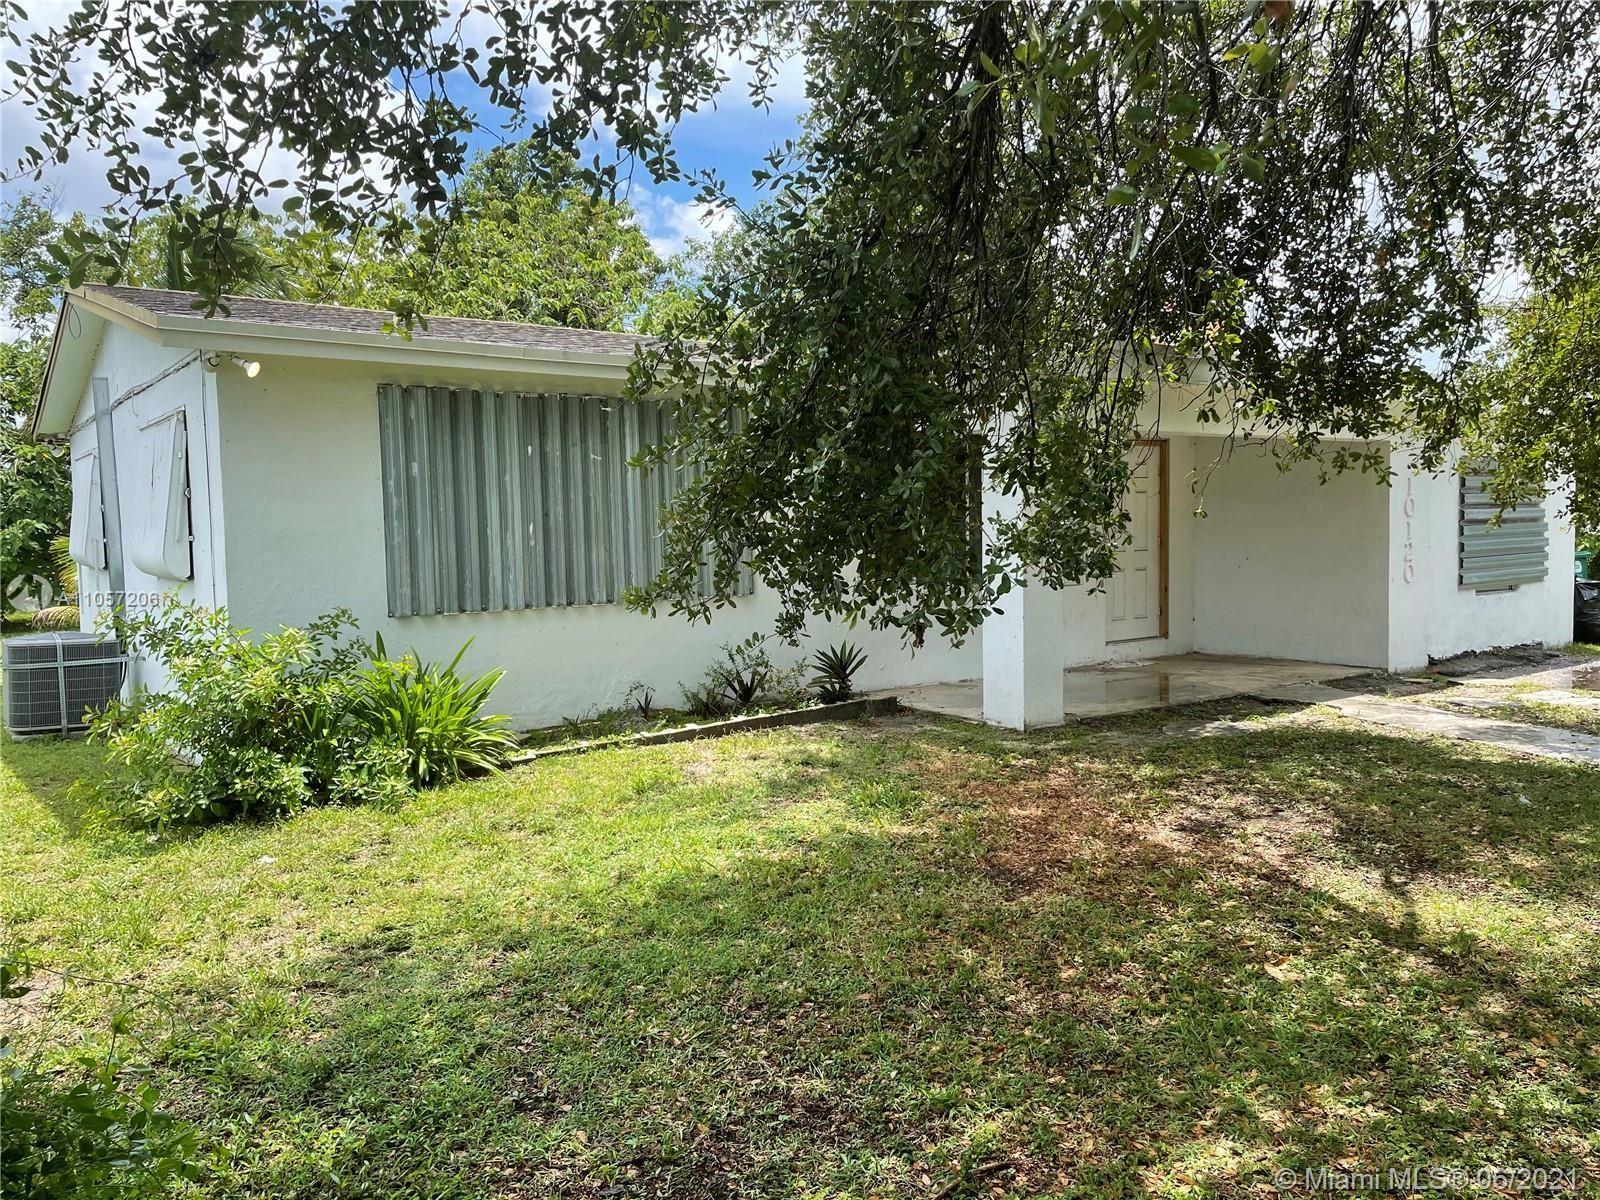 10120 W Guava St, Miami, FL 33157 - #: A11057206